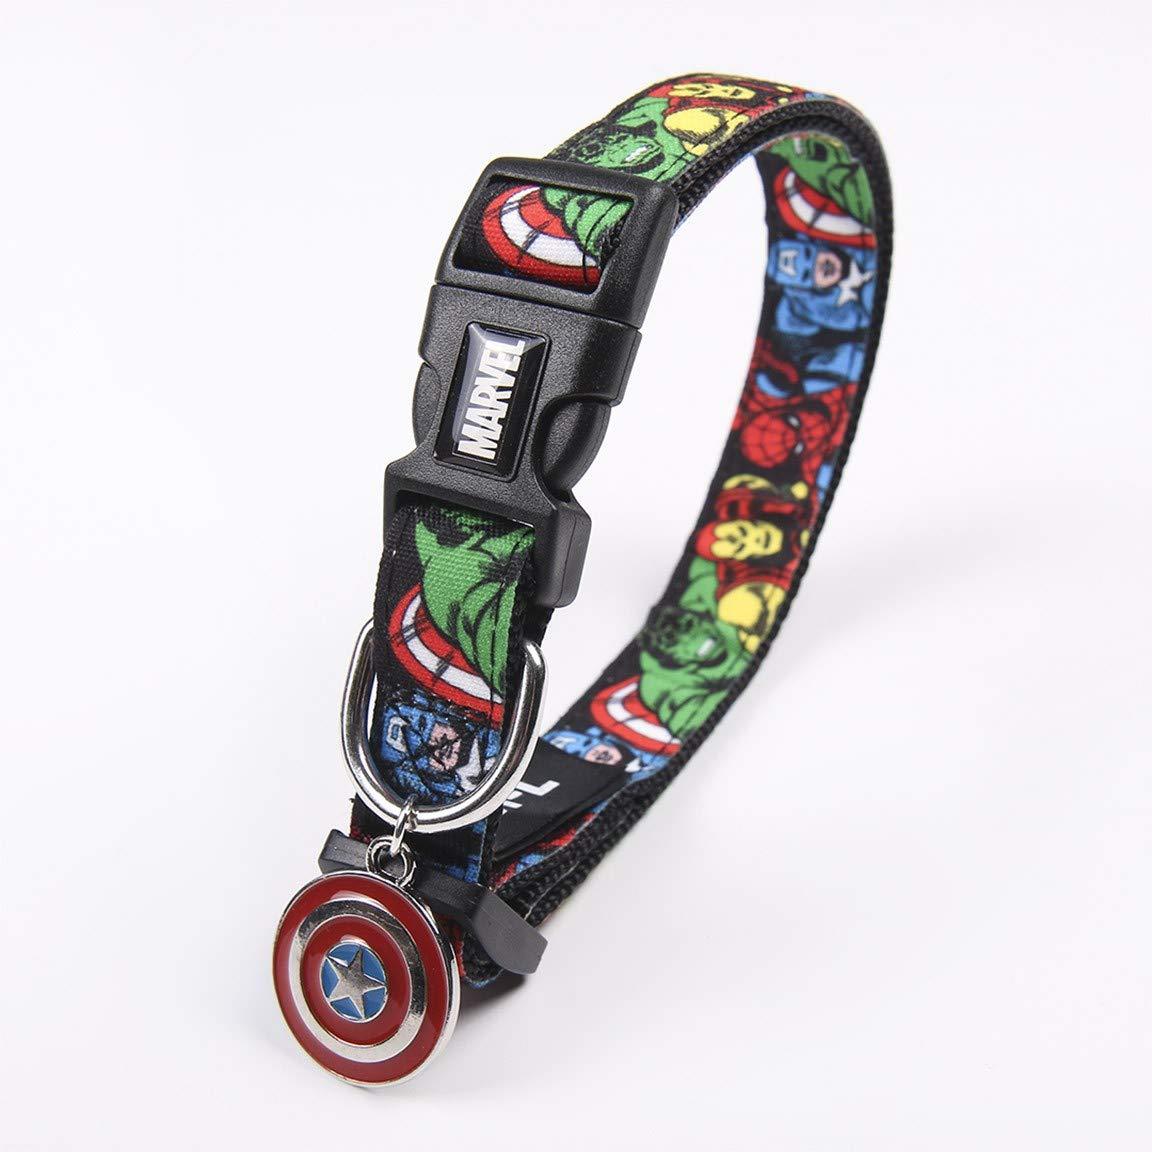 Collare Cane Marvel® per Cane Mini - Licenza Ufficiale Disney Marvel®:  Amazon.it: Prodotti per animali domestici